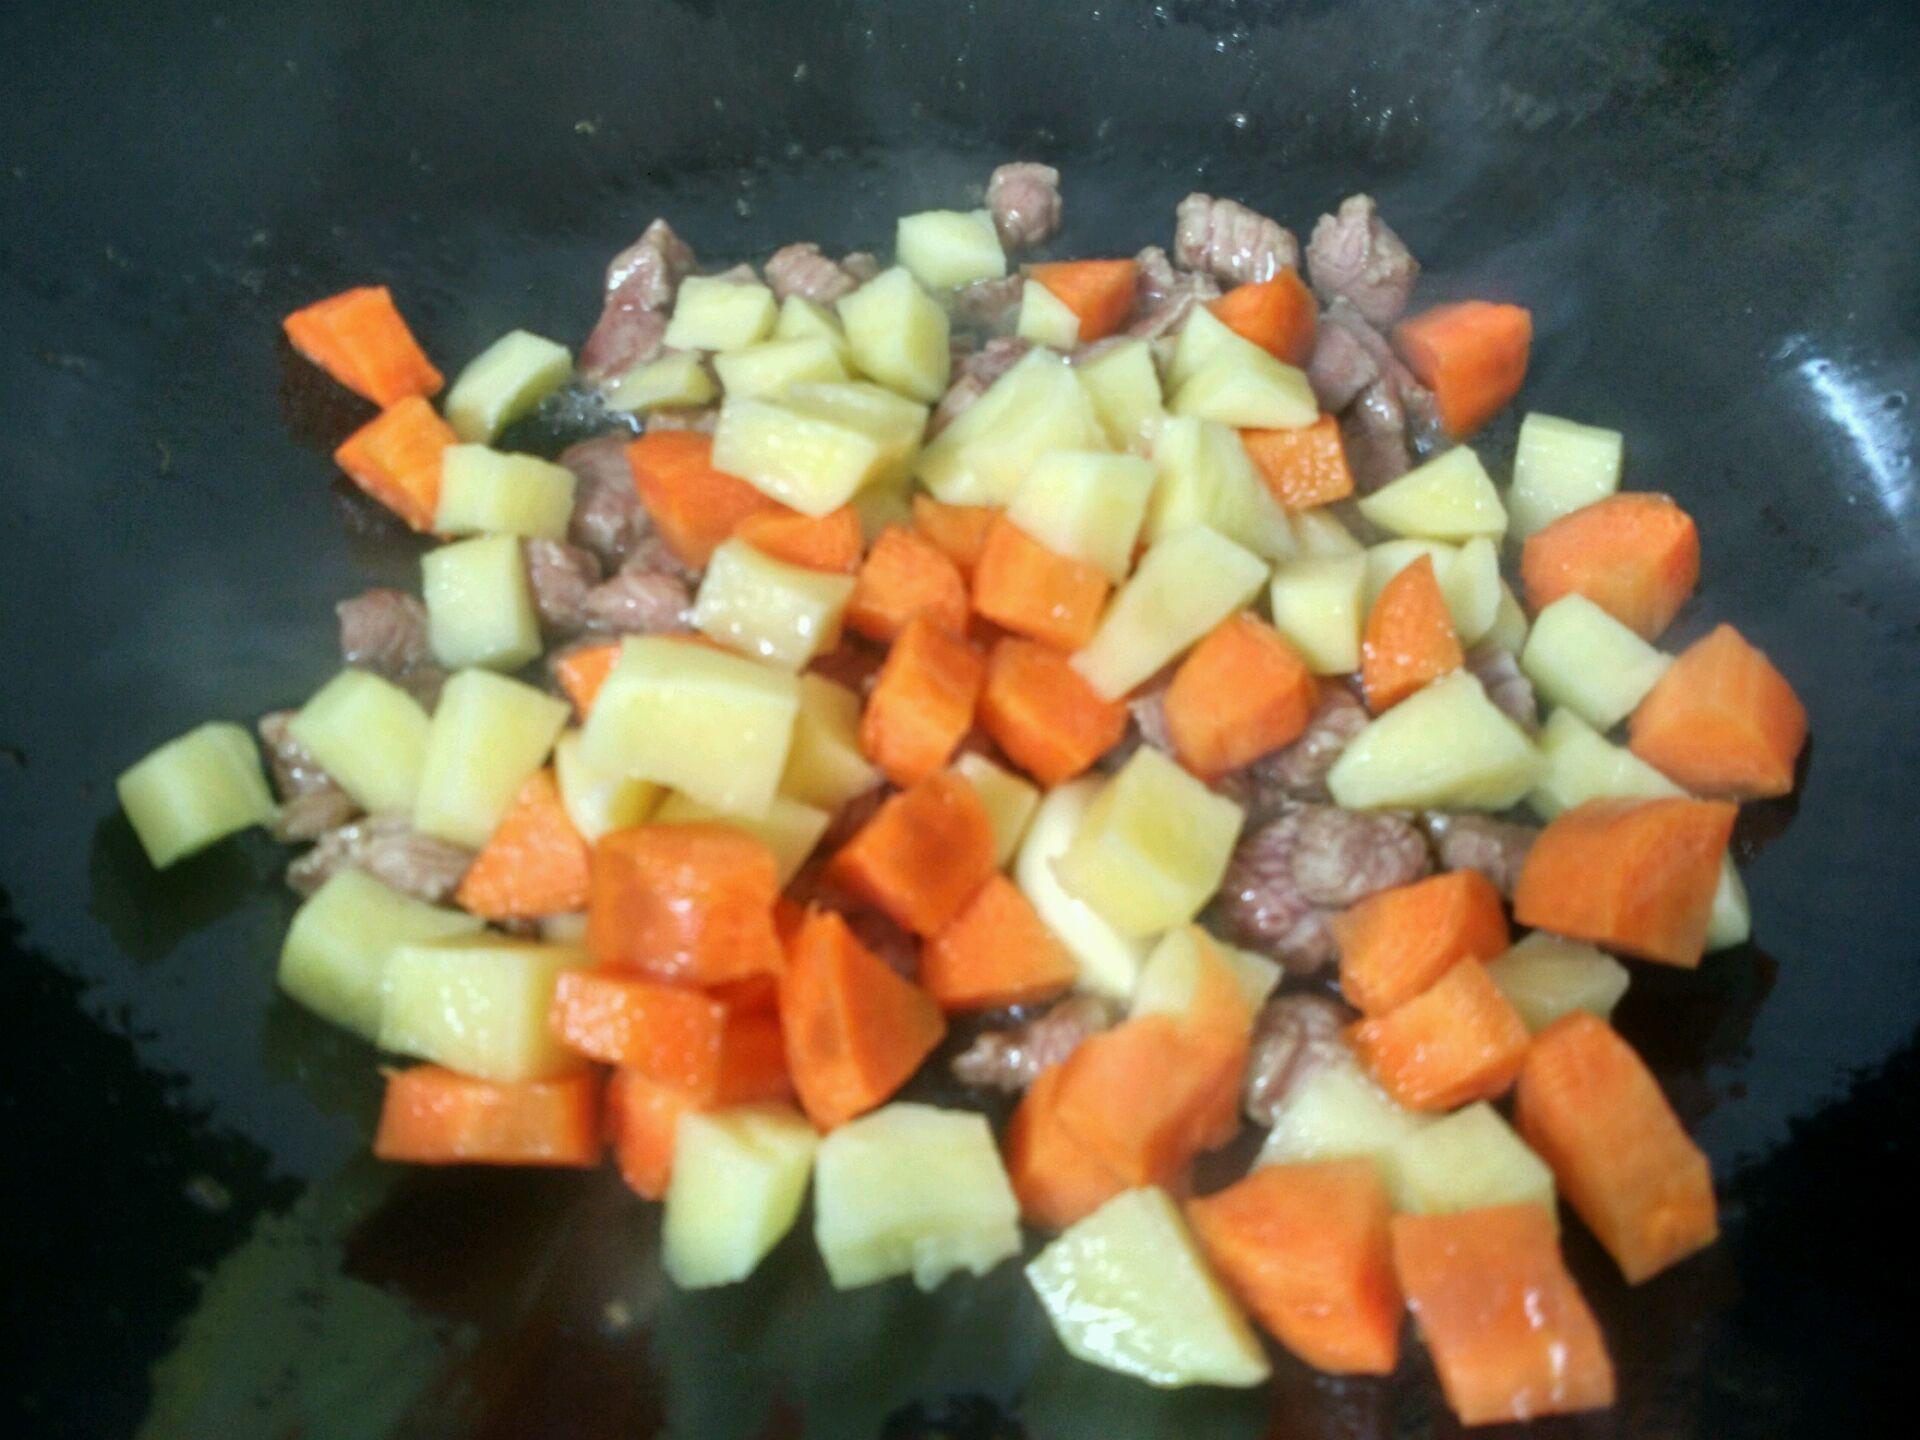 放入土豆胡萝卜丁翻炒片刻